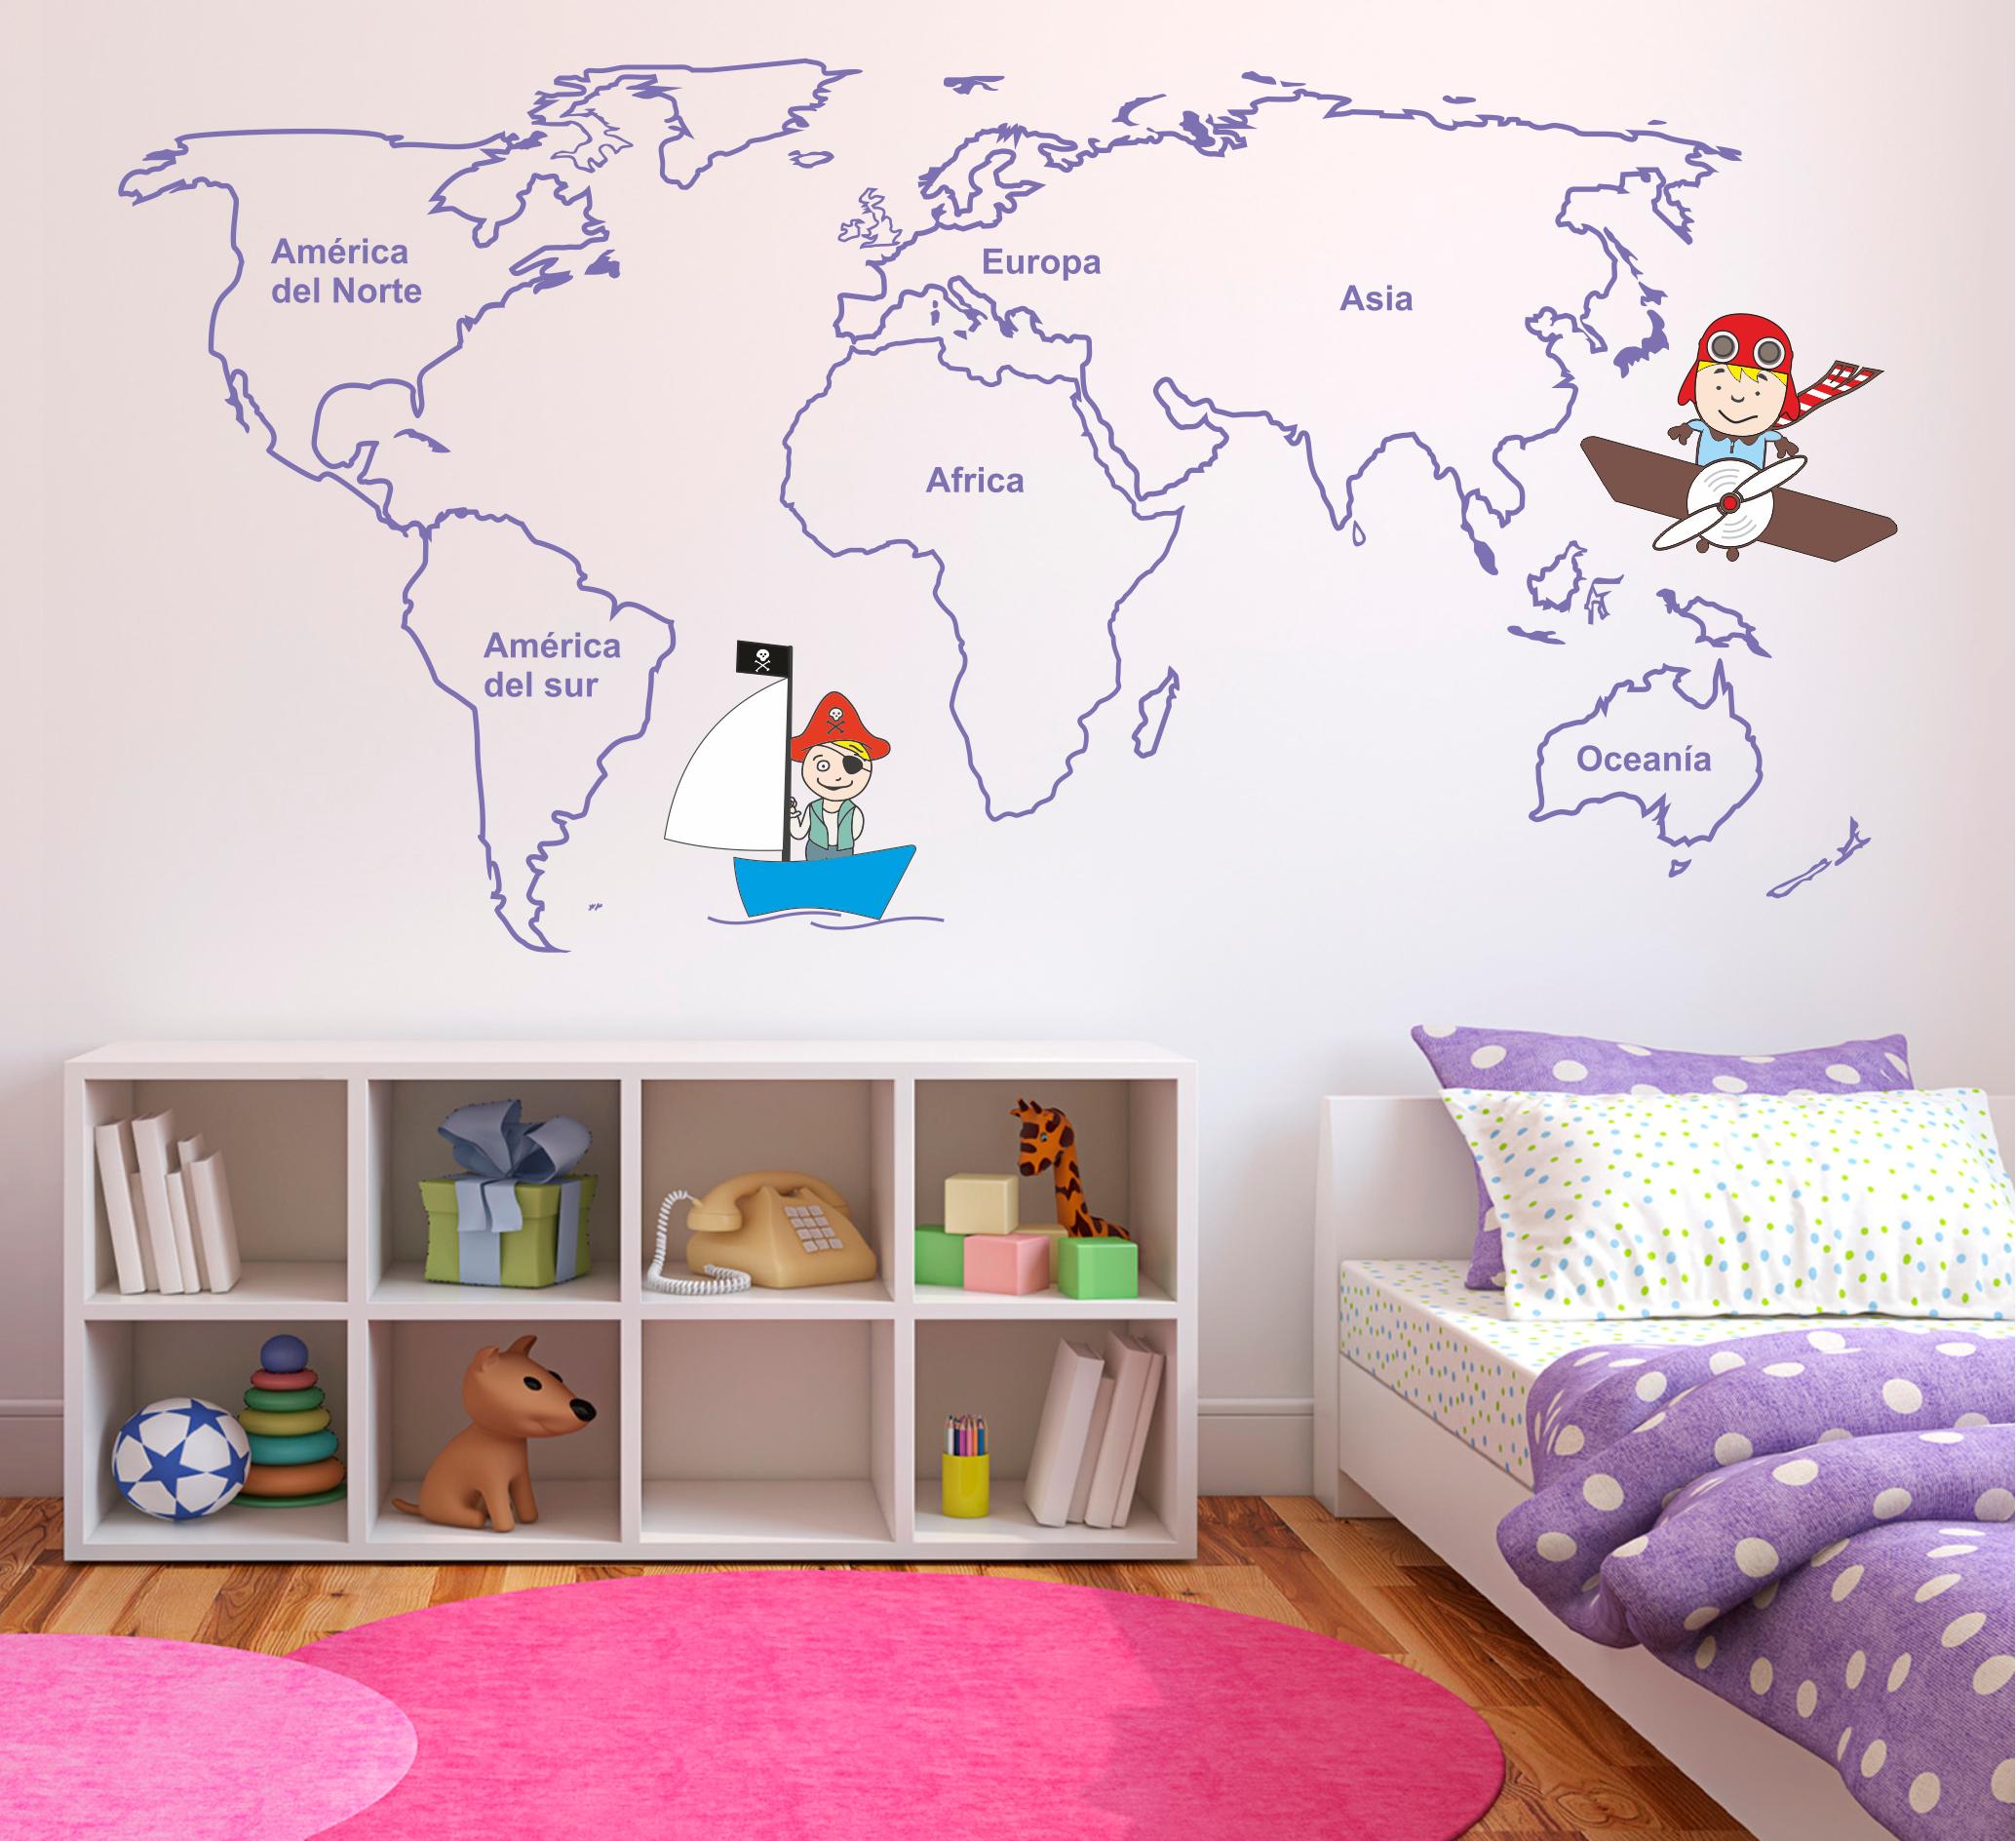 Vinilo decorativo de un mapamundi infantil habitacion for Vinilo habitacion nina